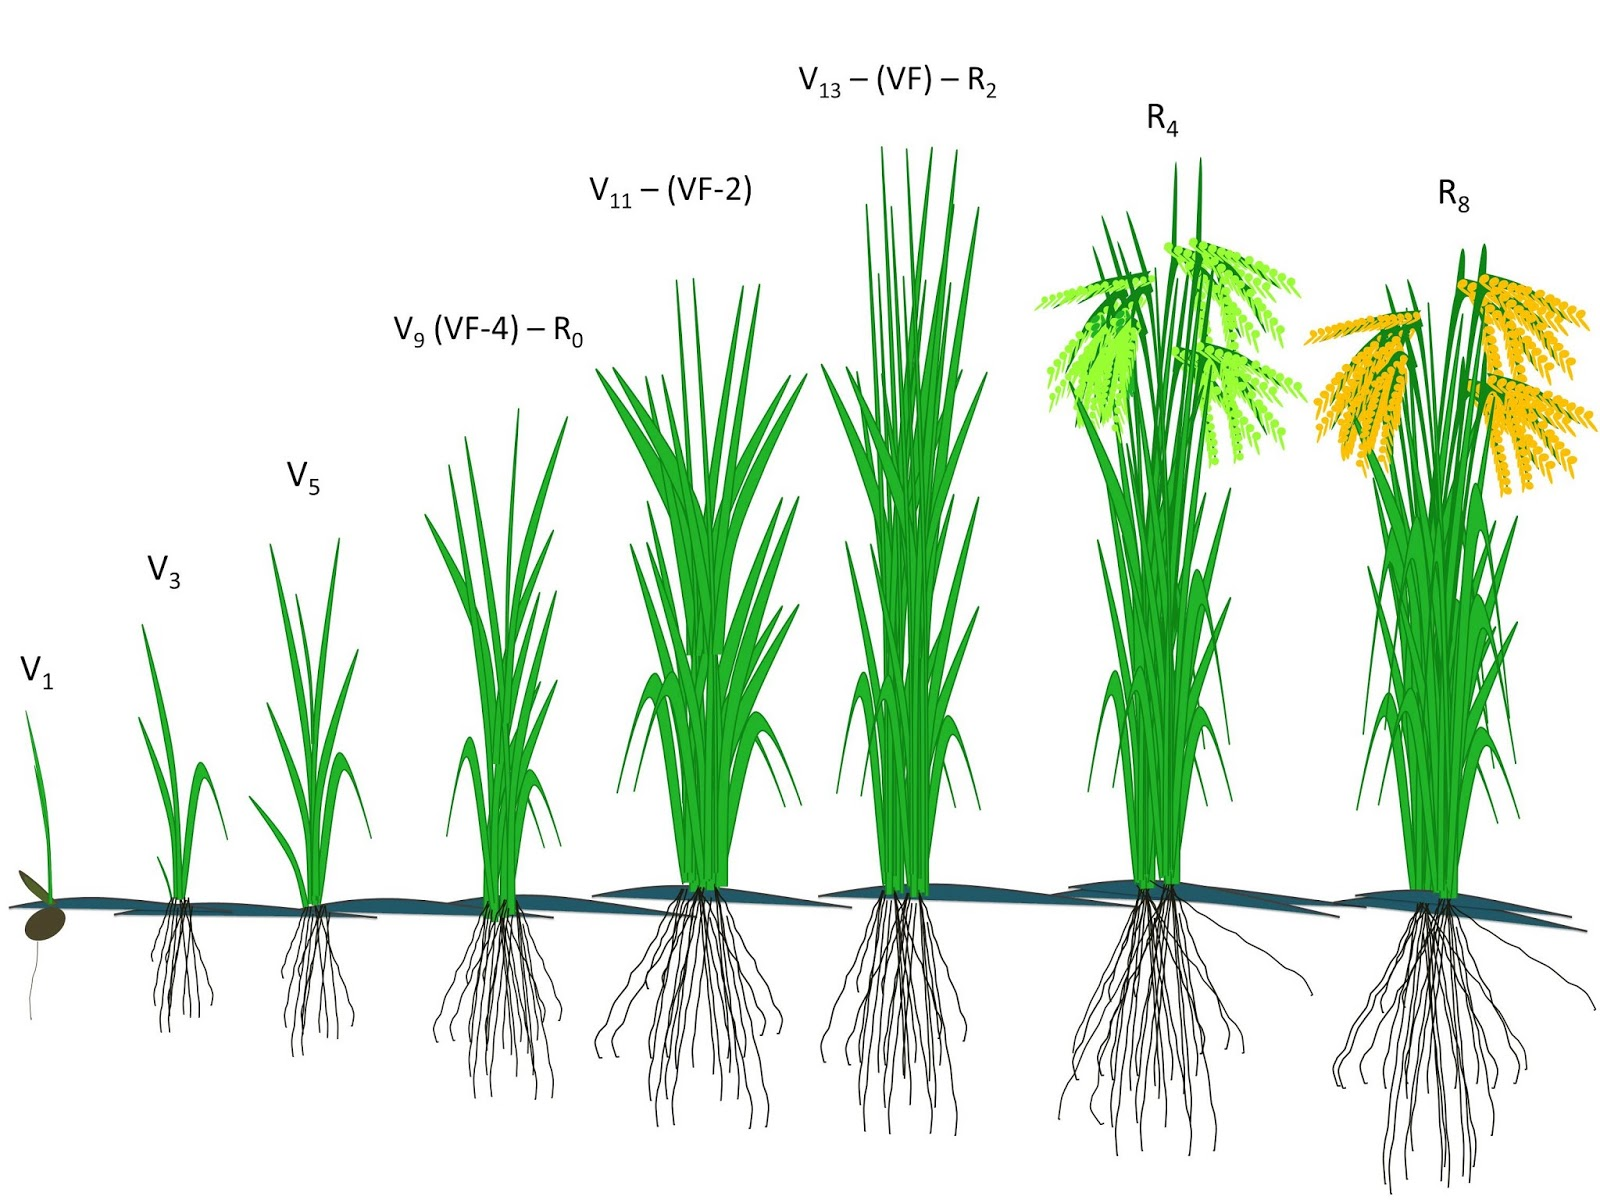 Fenologia do arroz irrigado adaptado counce et al 2000 sosbai 2012